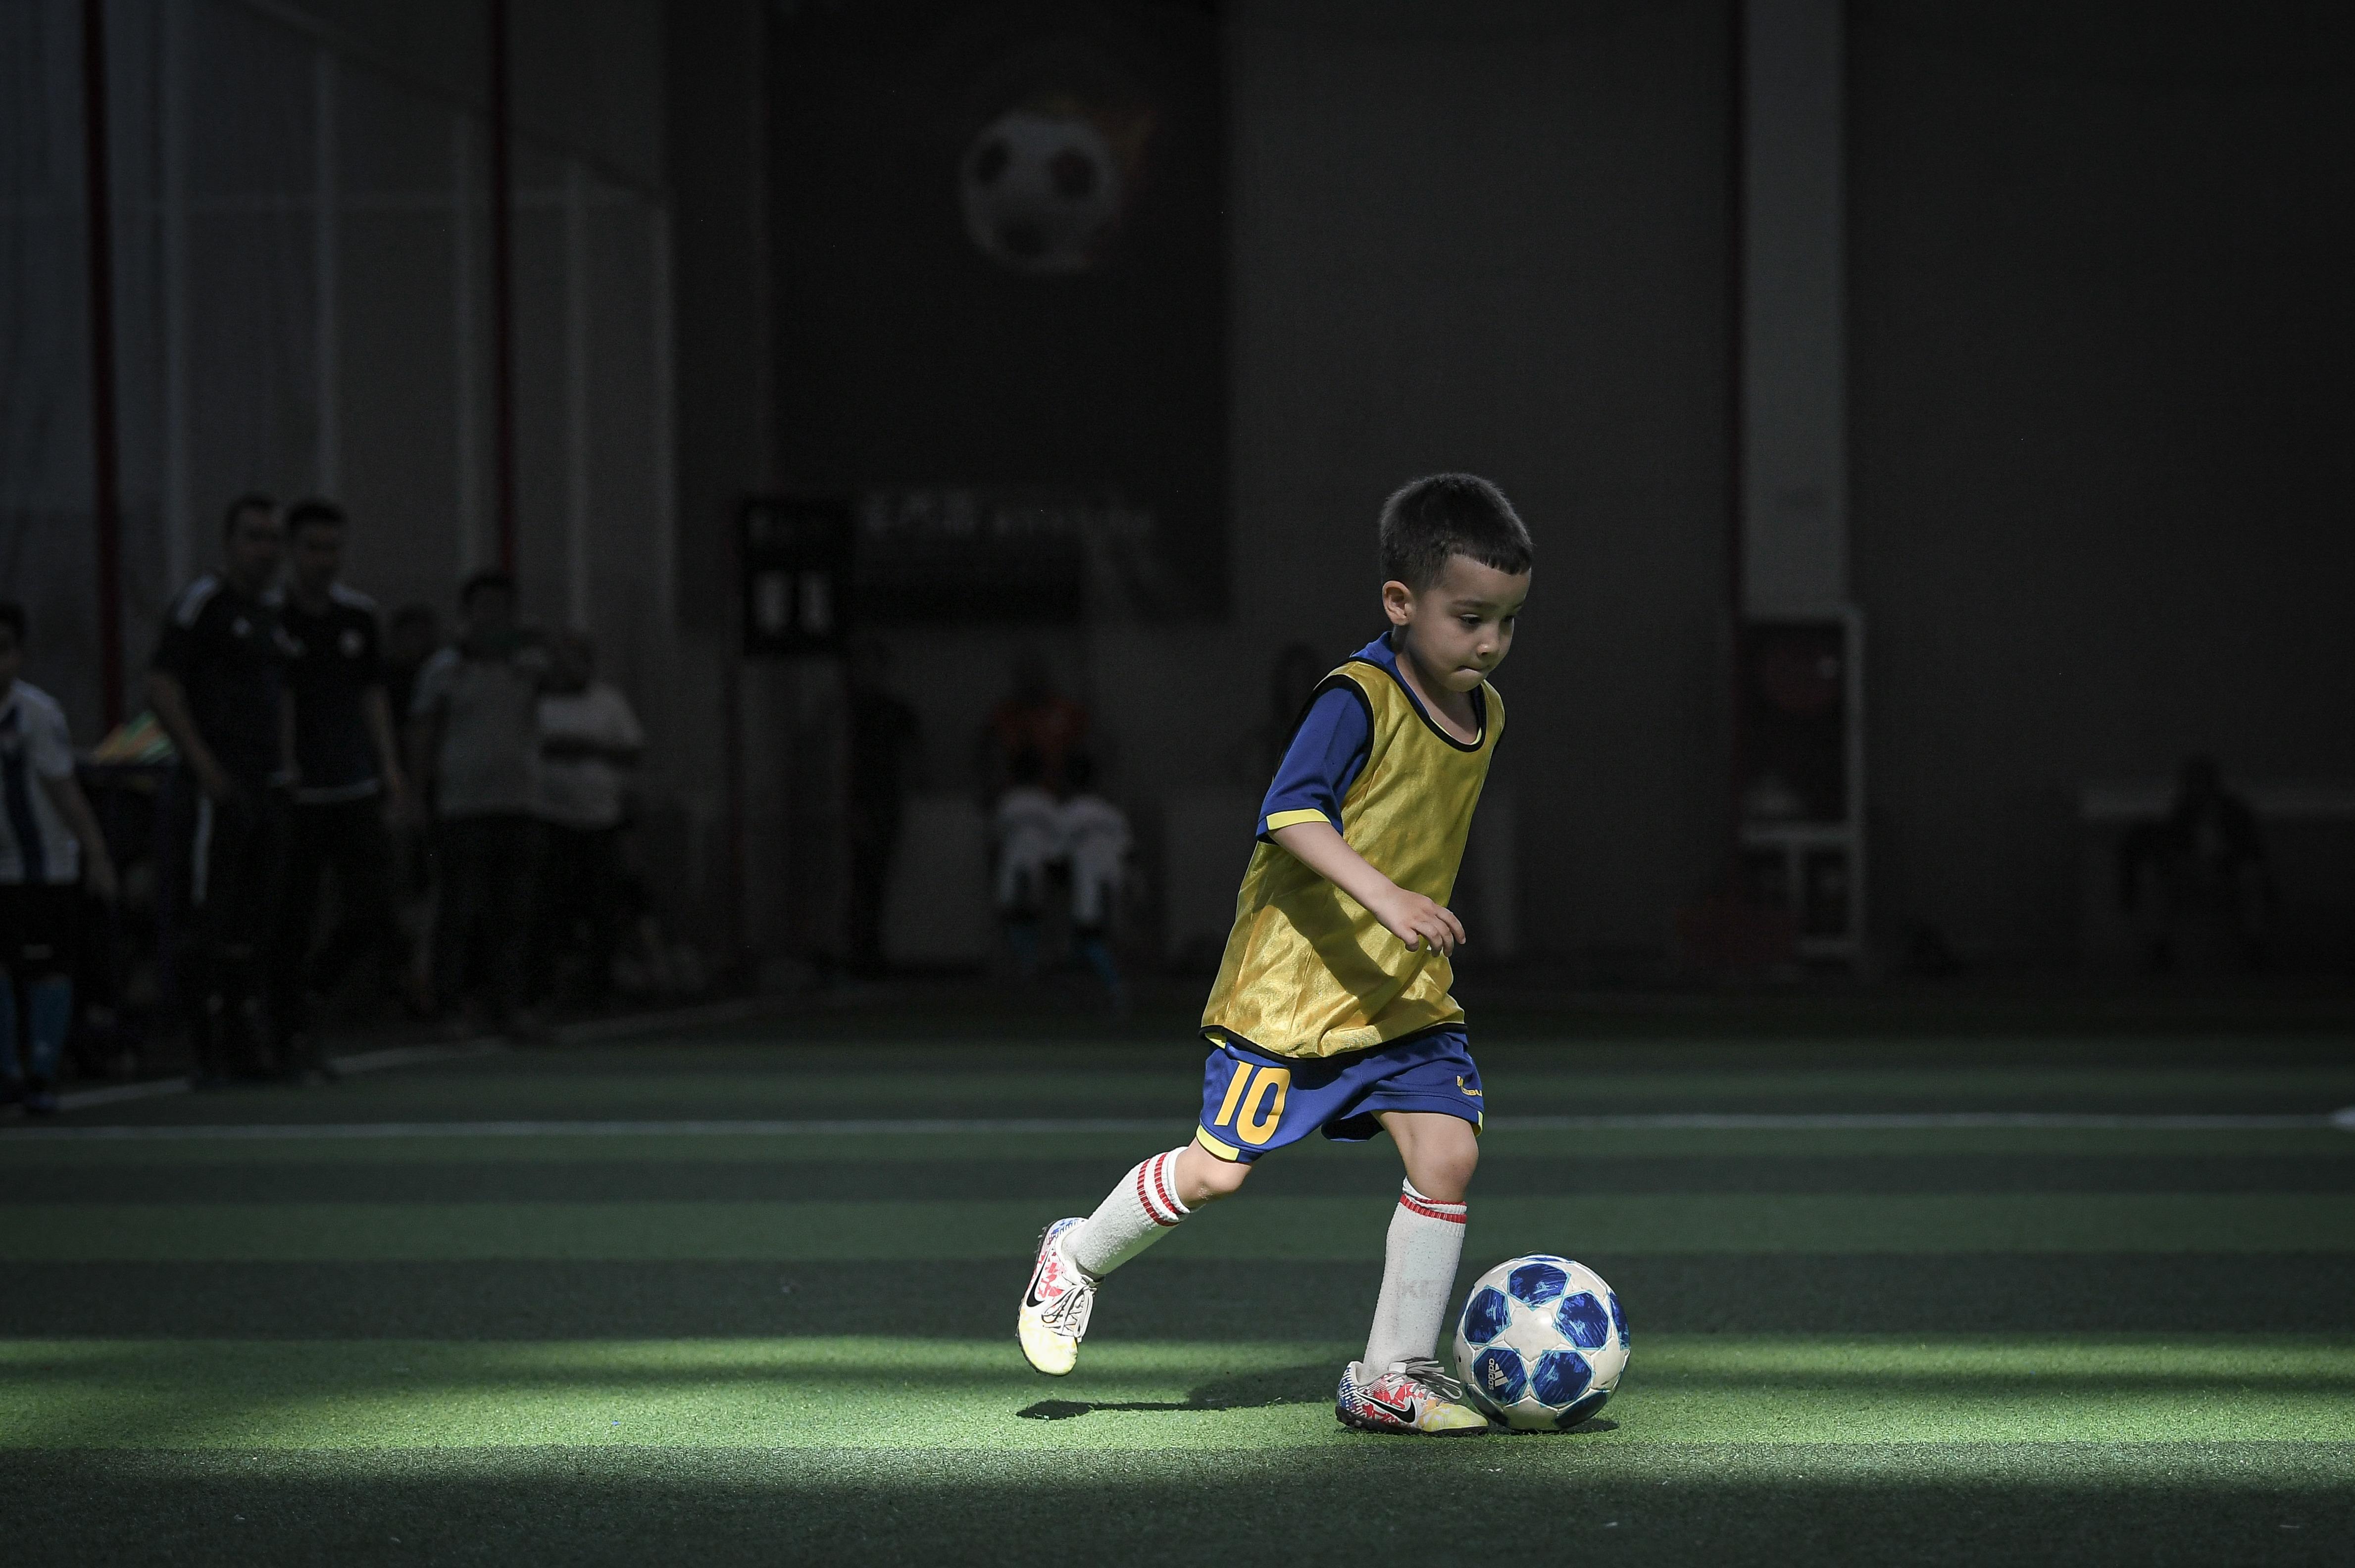 《他不是神童》,一个爆红足球少年的故事